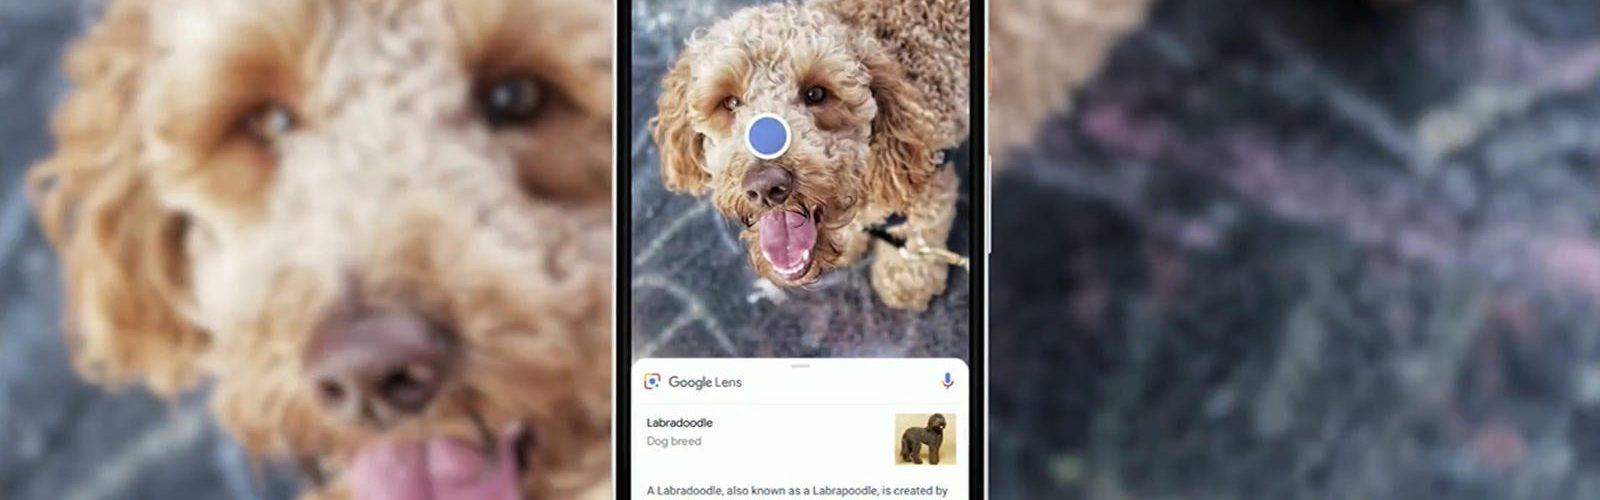 """قوقل تحضر لتطوير """"Google Lens"""" لتصبح بإمكانها حل المعادلات الرياضية المعقدة"""